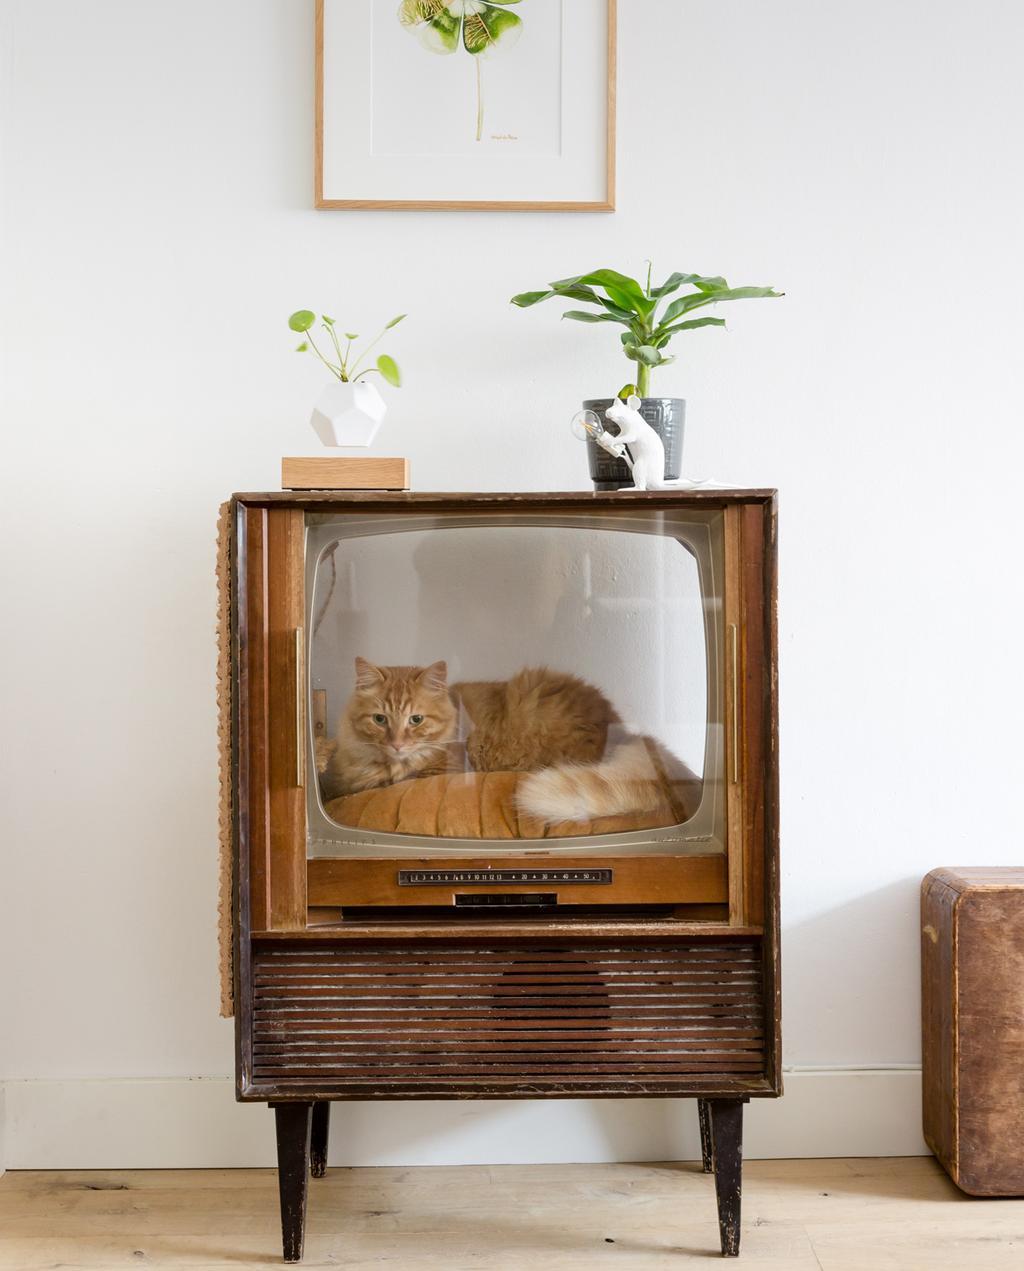 vtwonen weer verliefd op je huis | seizoen 11 aflevering 4 | fotografie Barbara Kieboom | styling Eva van de Ven